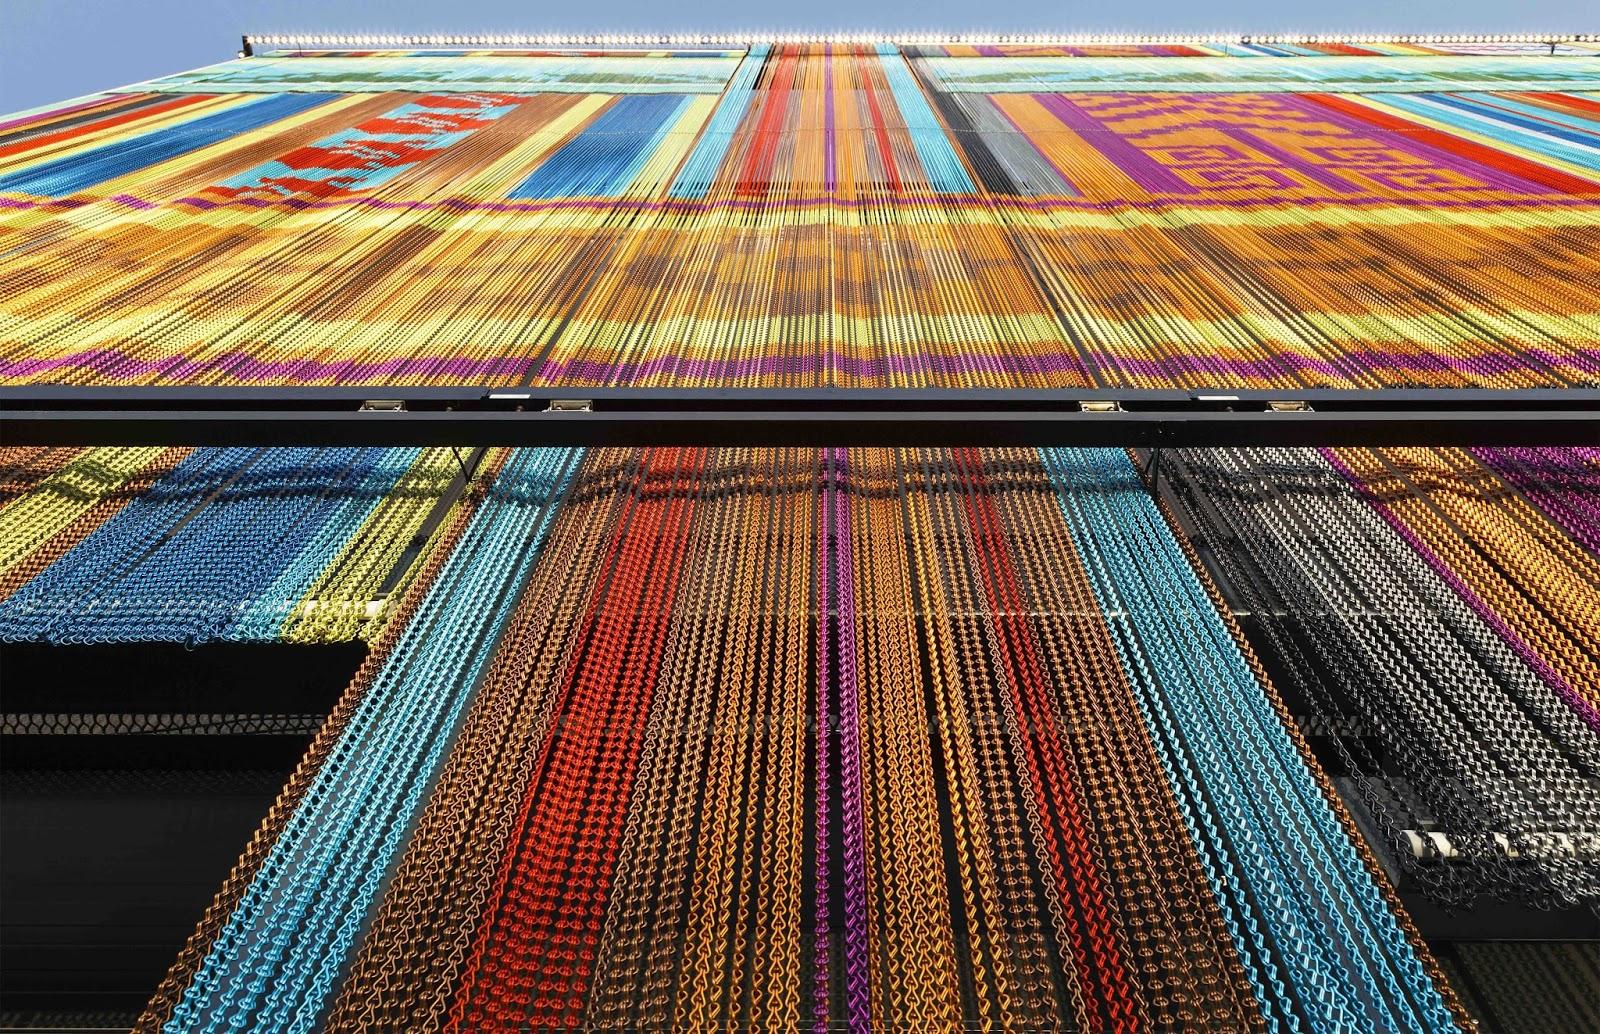 Expo Milano Stand Ecuador : Kriskadecor riveste la facciata del padiglione dell